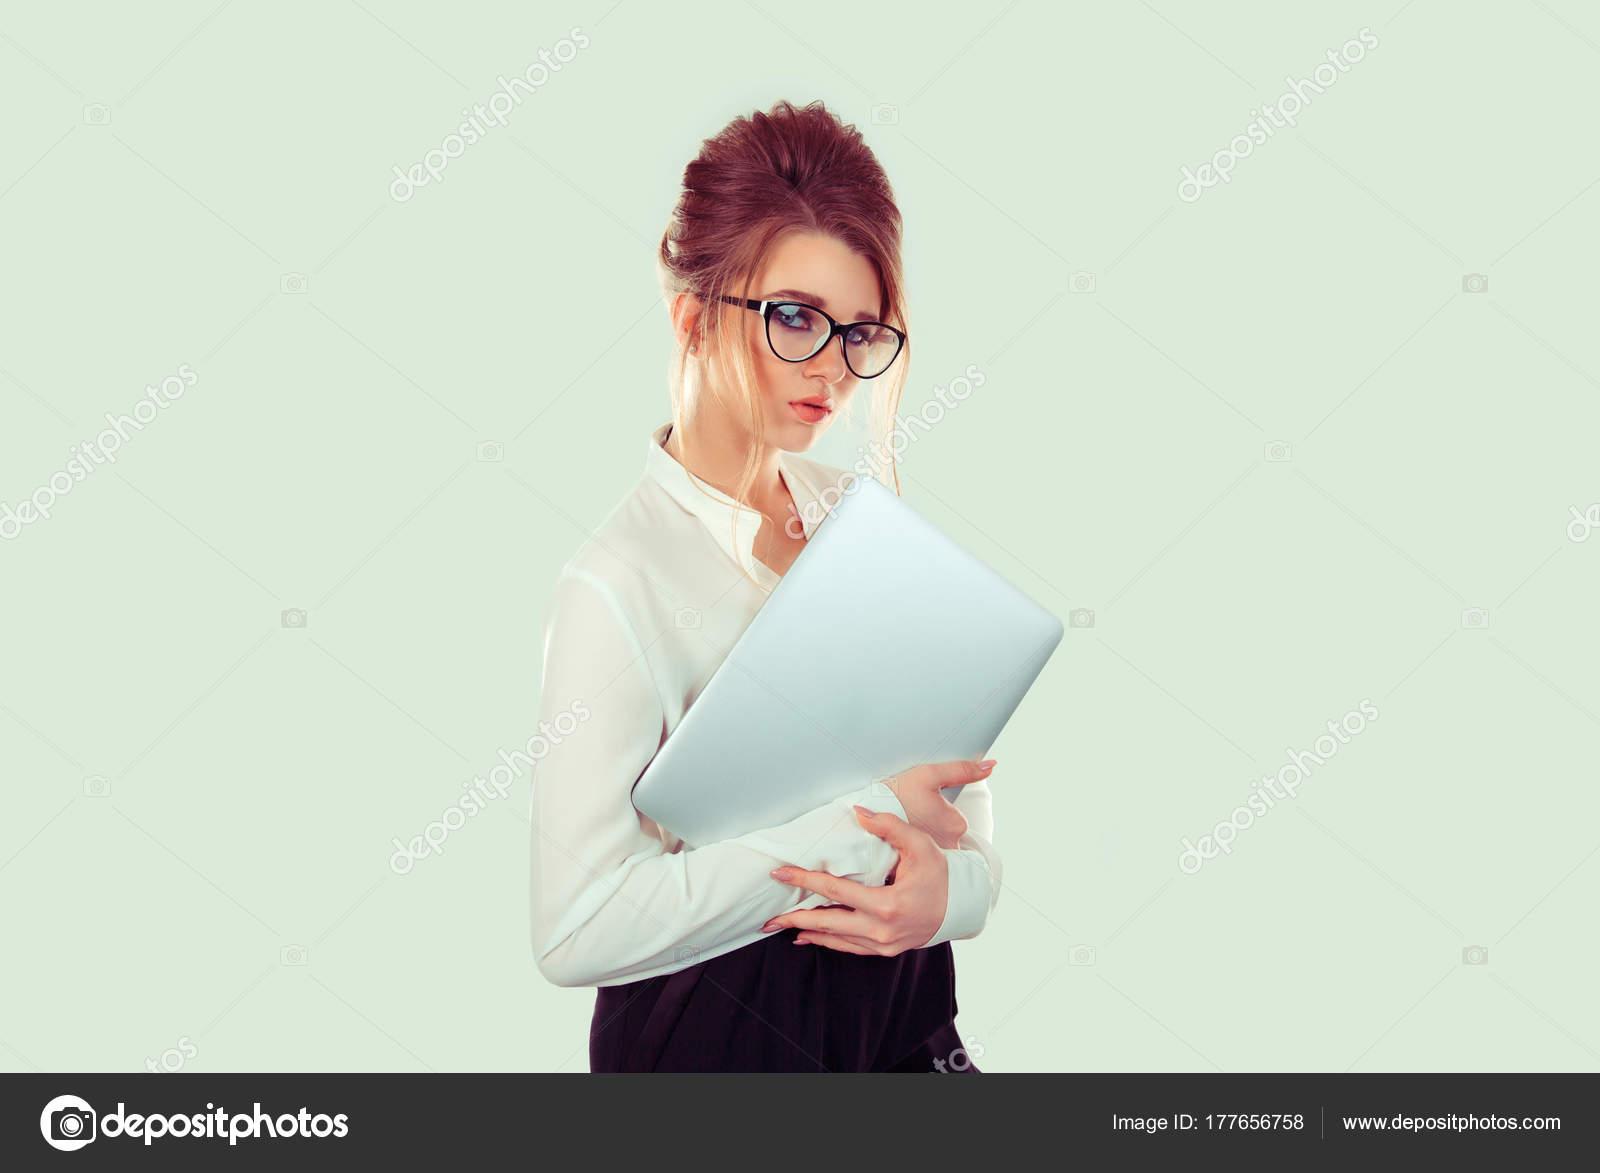 dc0eab2128 Κοντινό πλάνο γυναίκα κορίτσι nerd κρατώντας βιβλία φορητό υπολογιστή  ελαφρύ χαμόγελο στο πρόσωπο